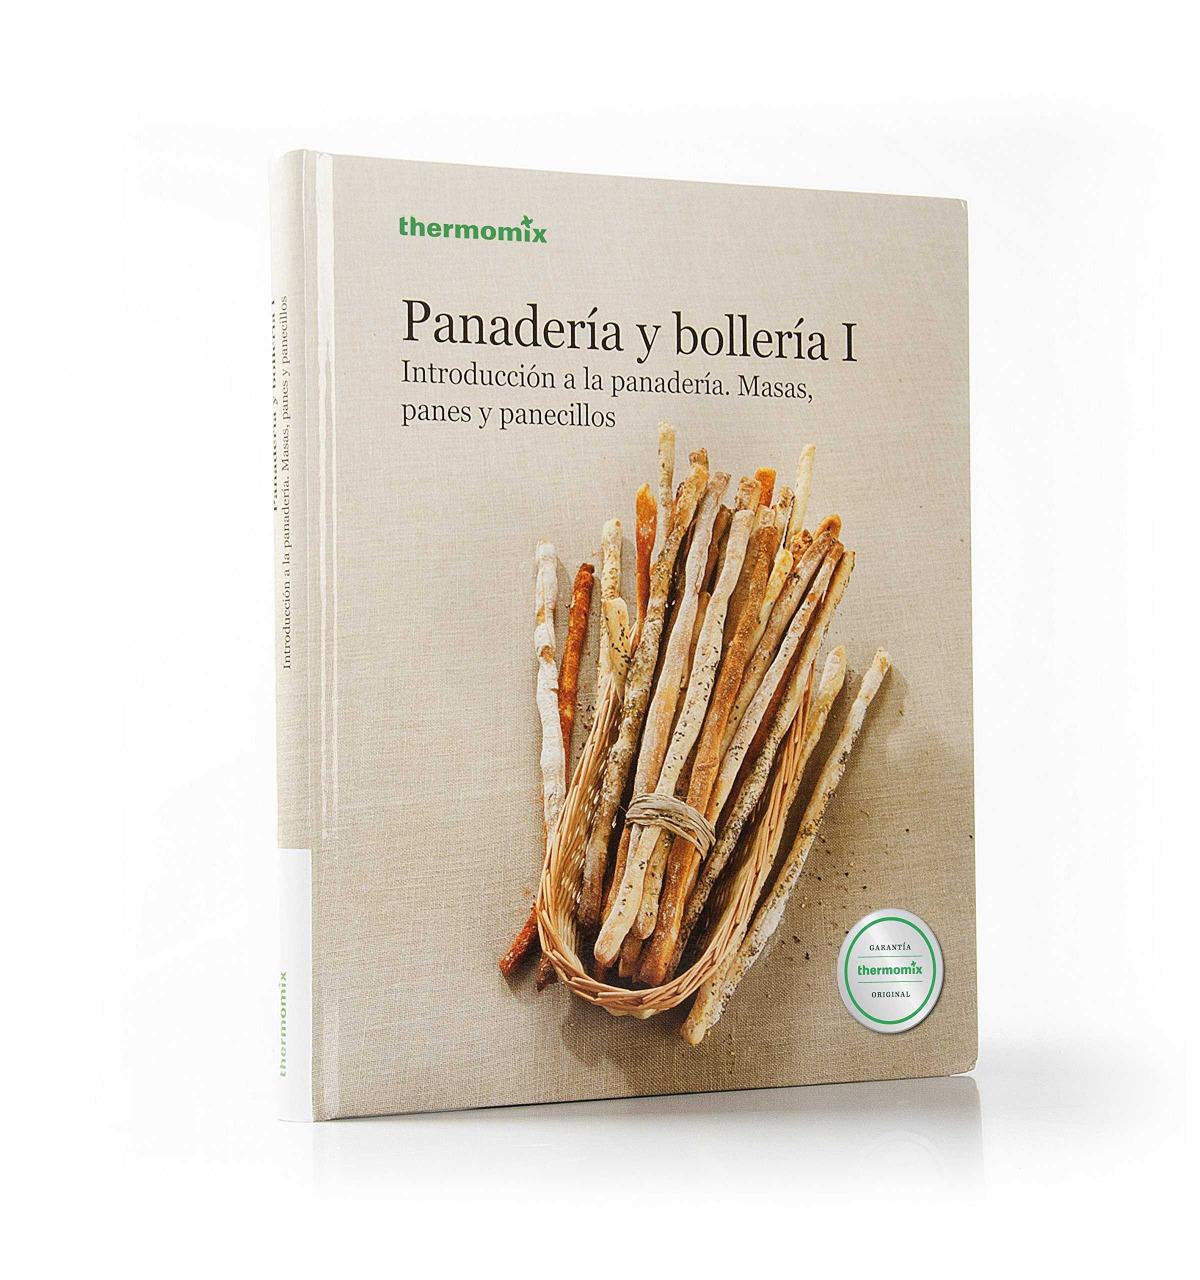 PANADERIA Y BOLLERIA I 9788461693795